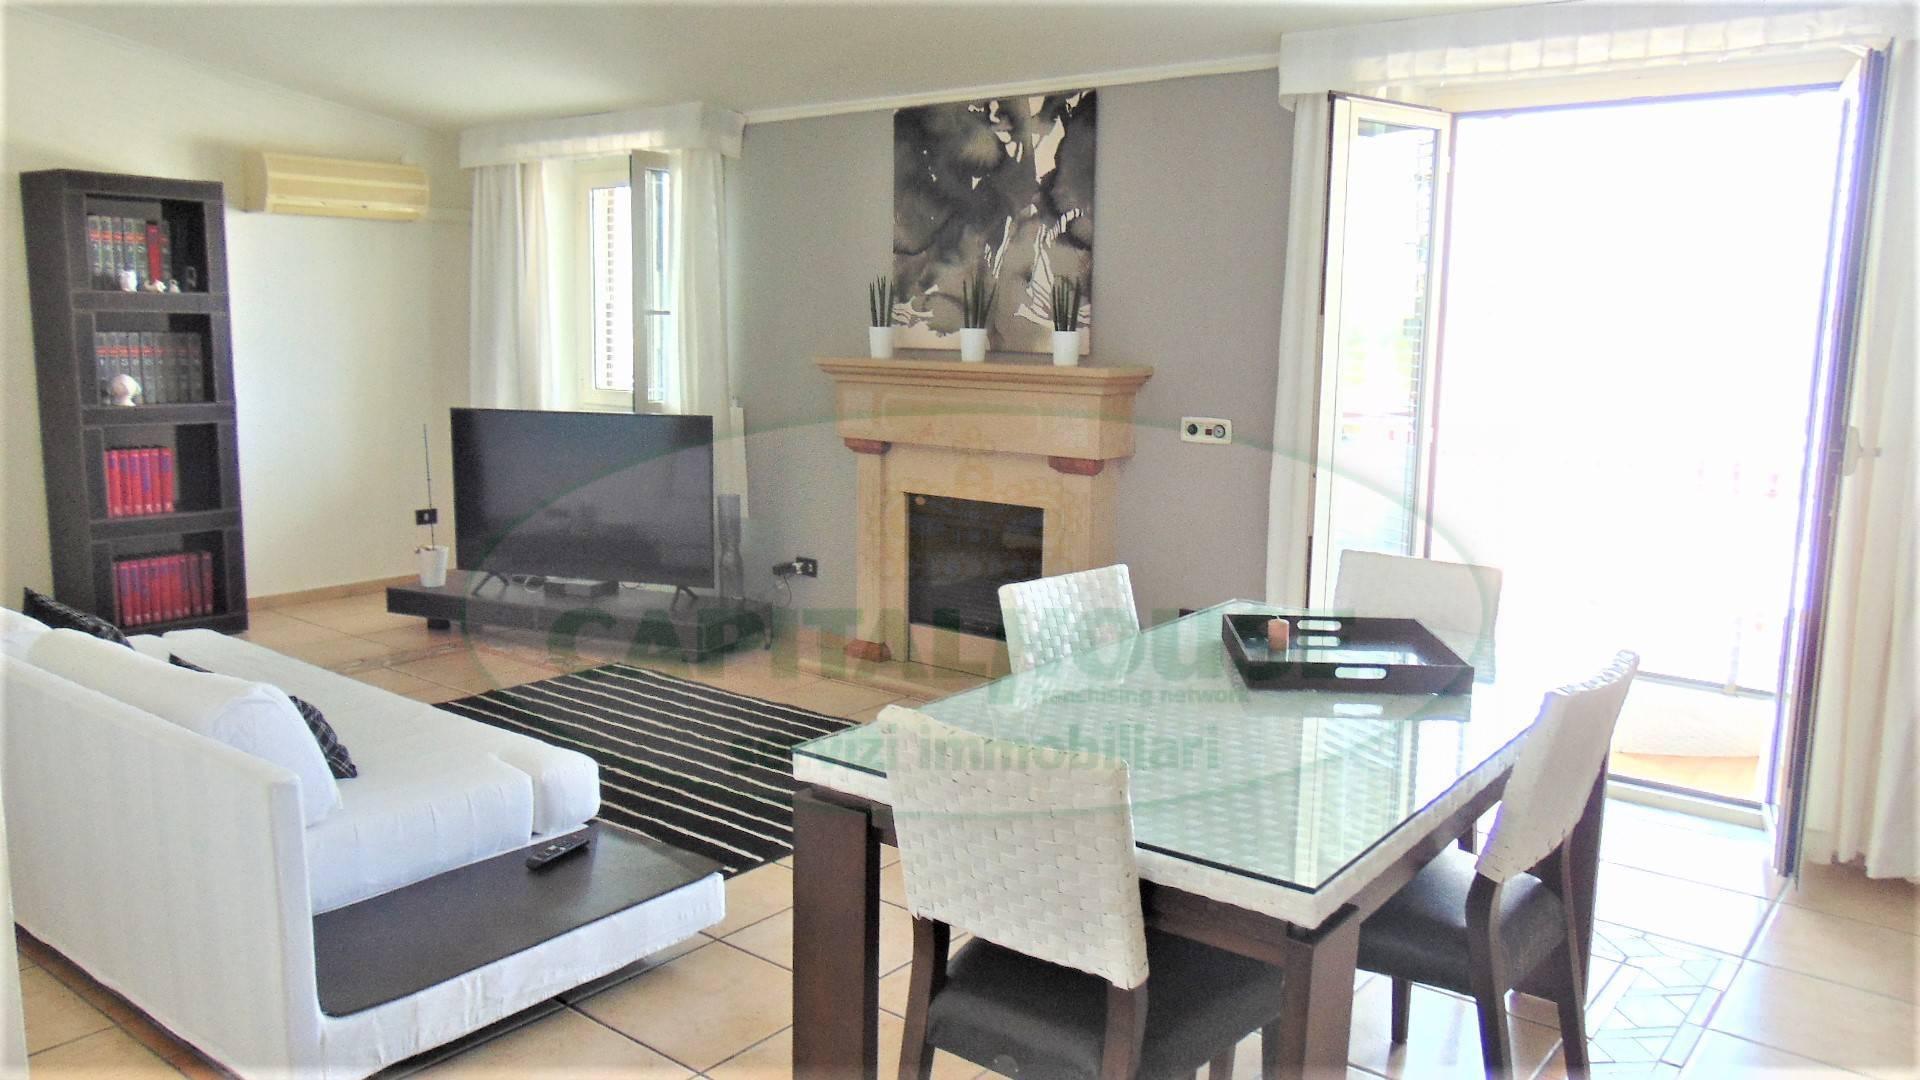 Appartamento in vendita a Sirignano, 3 locali, prezzo € 98.000 | CambioCasa.it